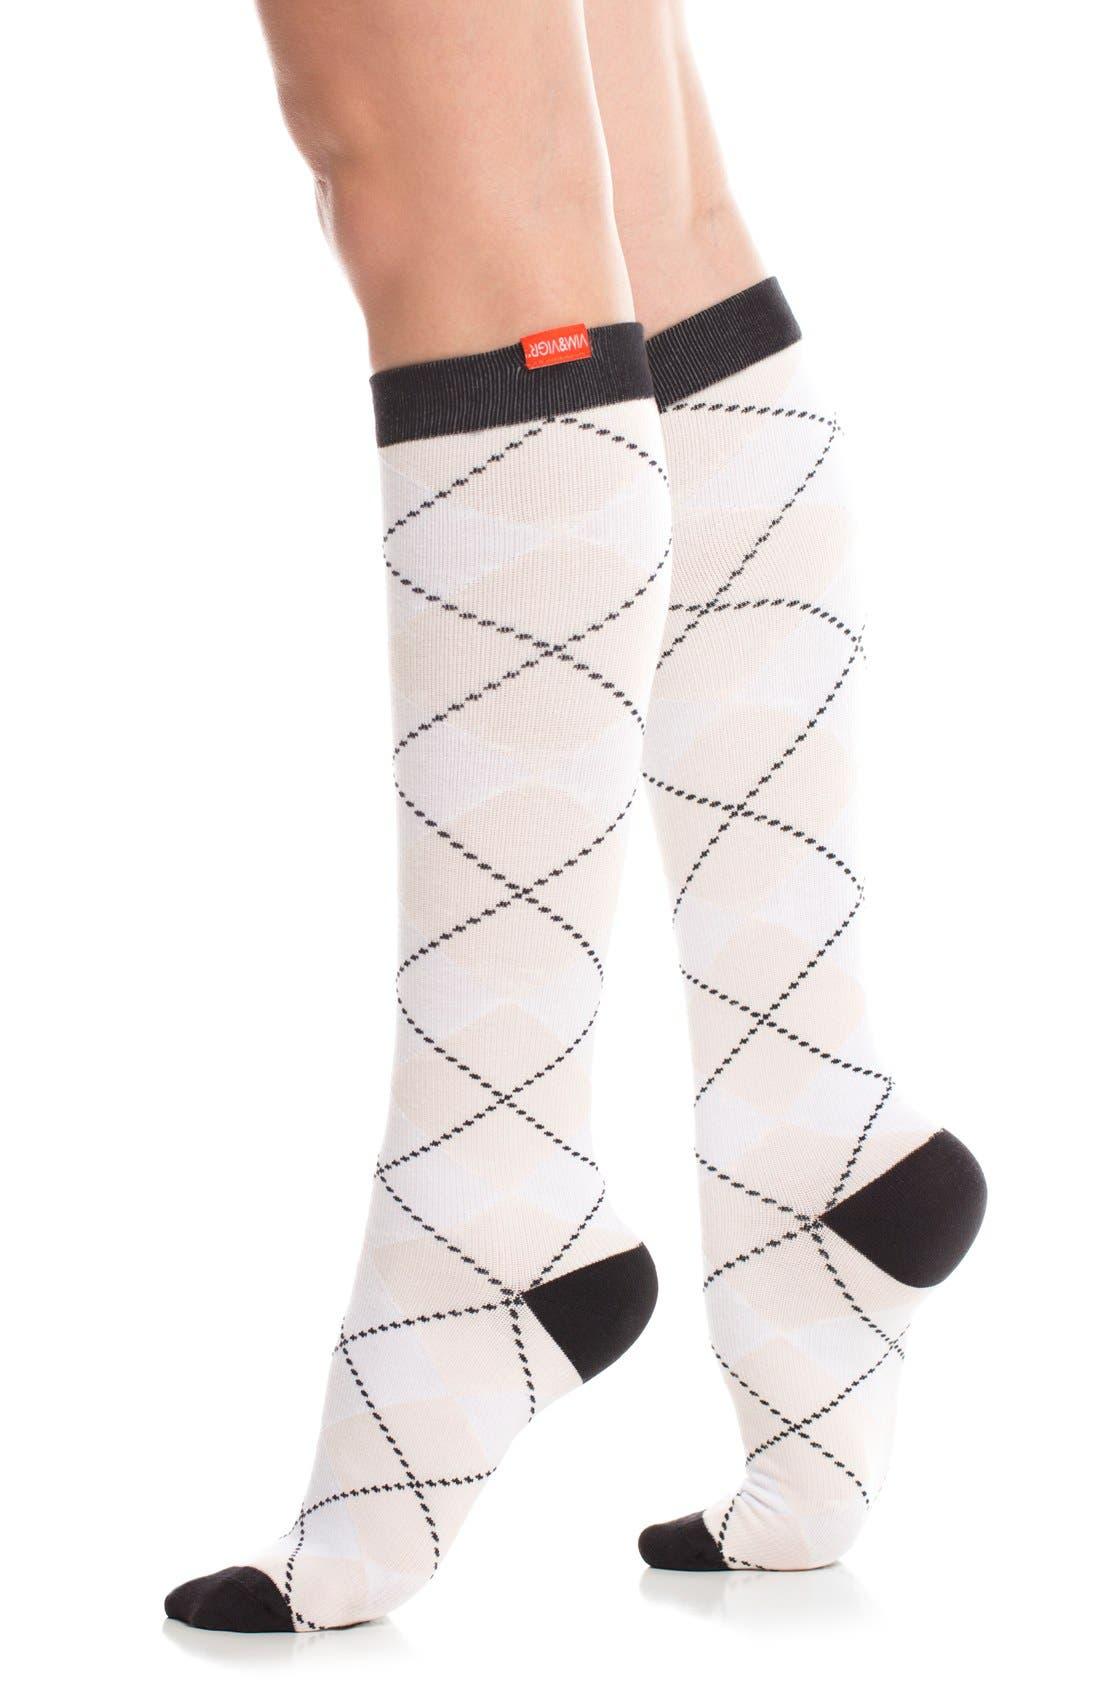 Alternate Image 1 Selected - VIM & VIGR Argyle Graduated Compression Trouser Socks